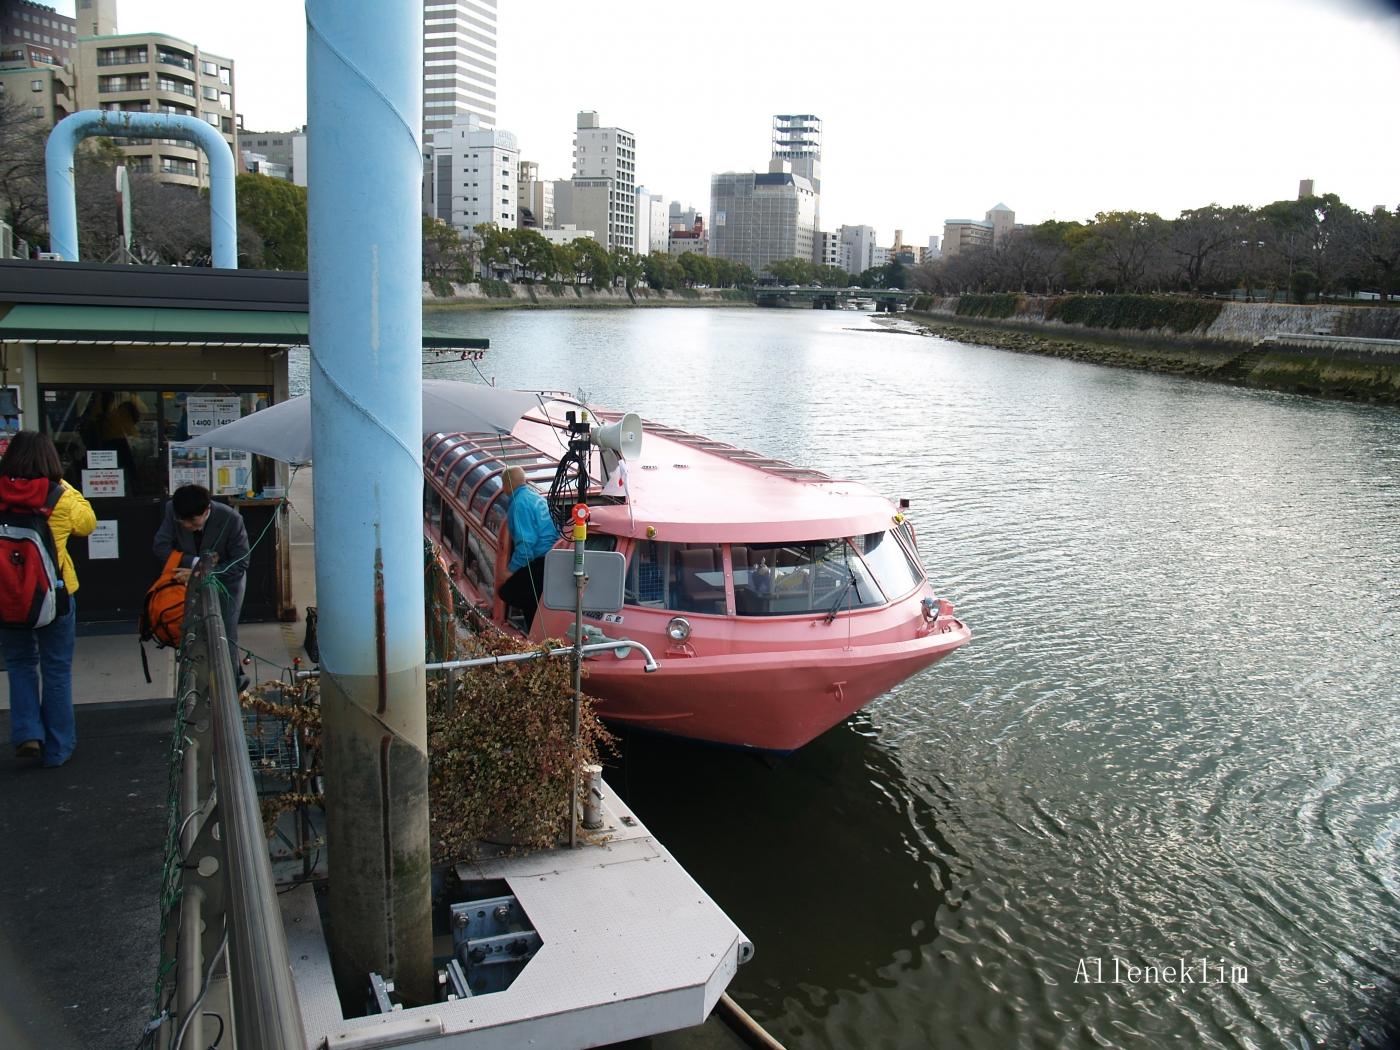 Alleneklim - 日本之宫島_图1-1